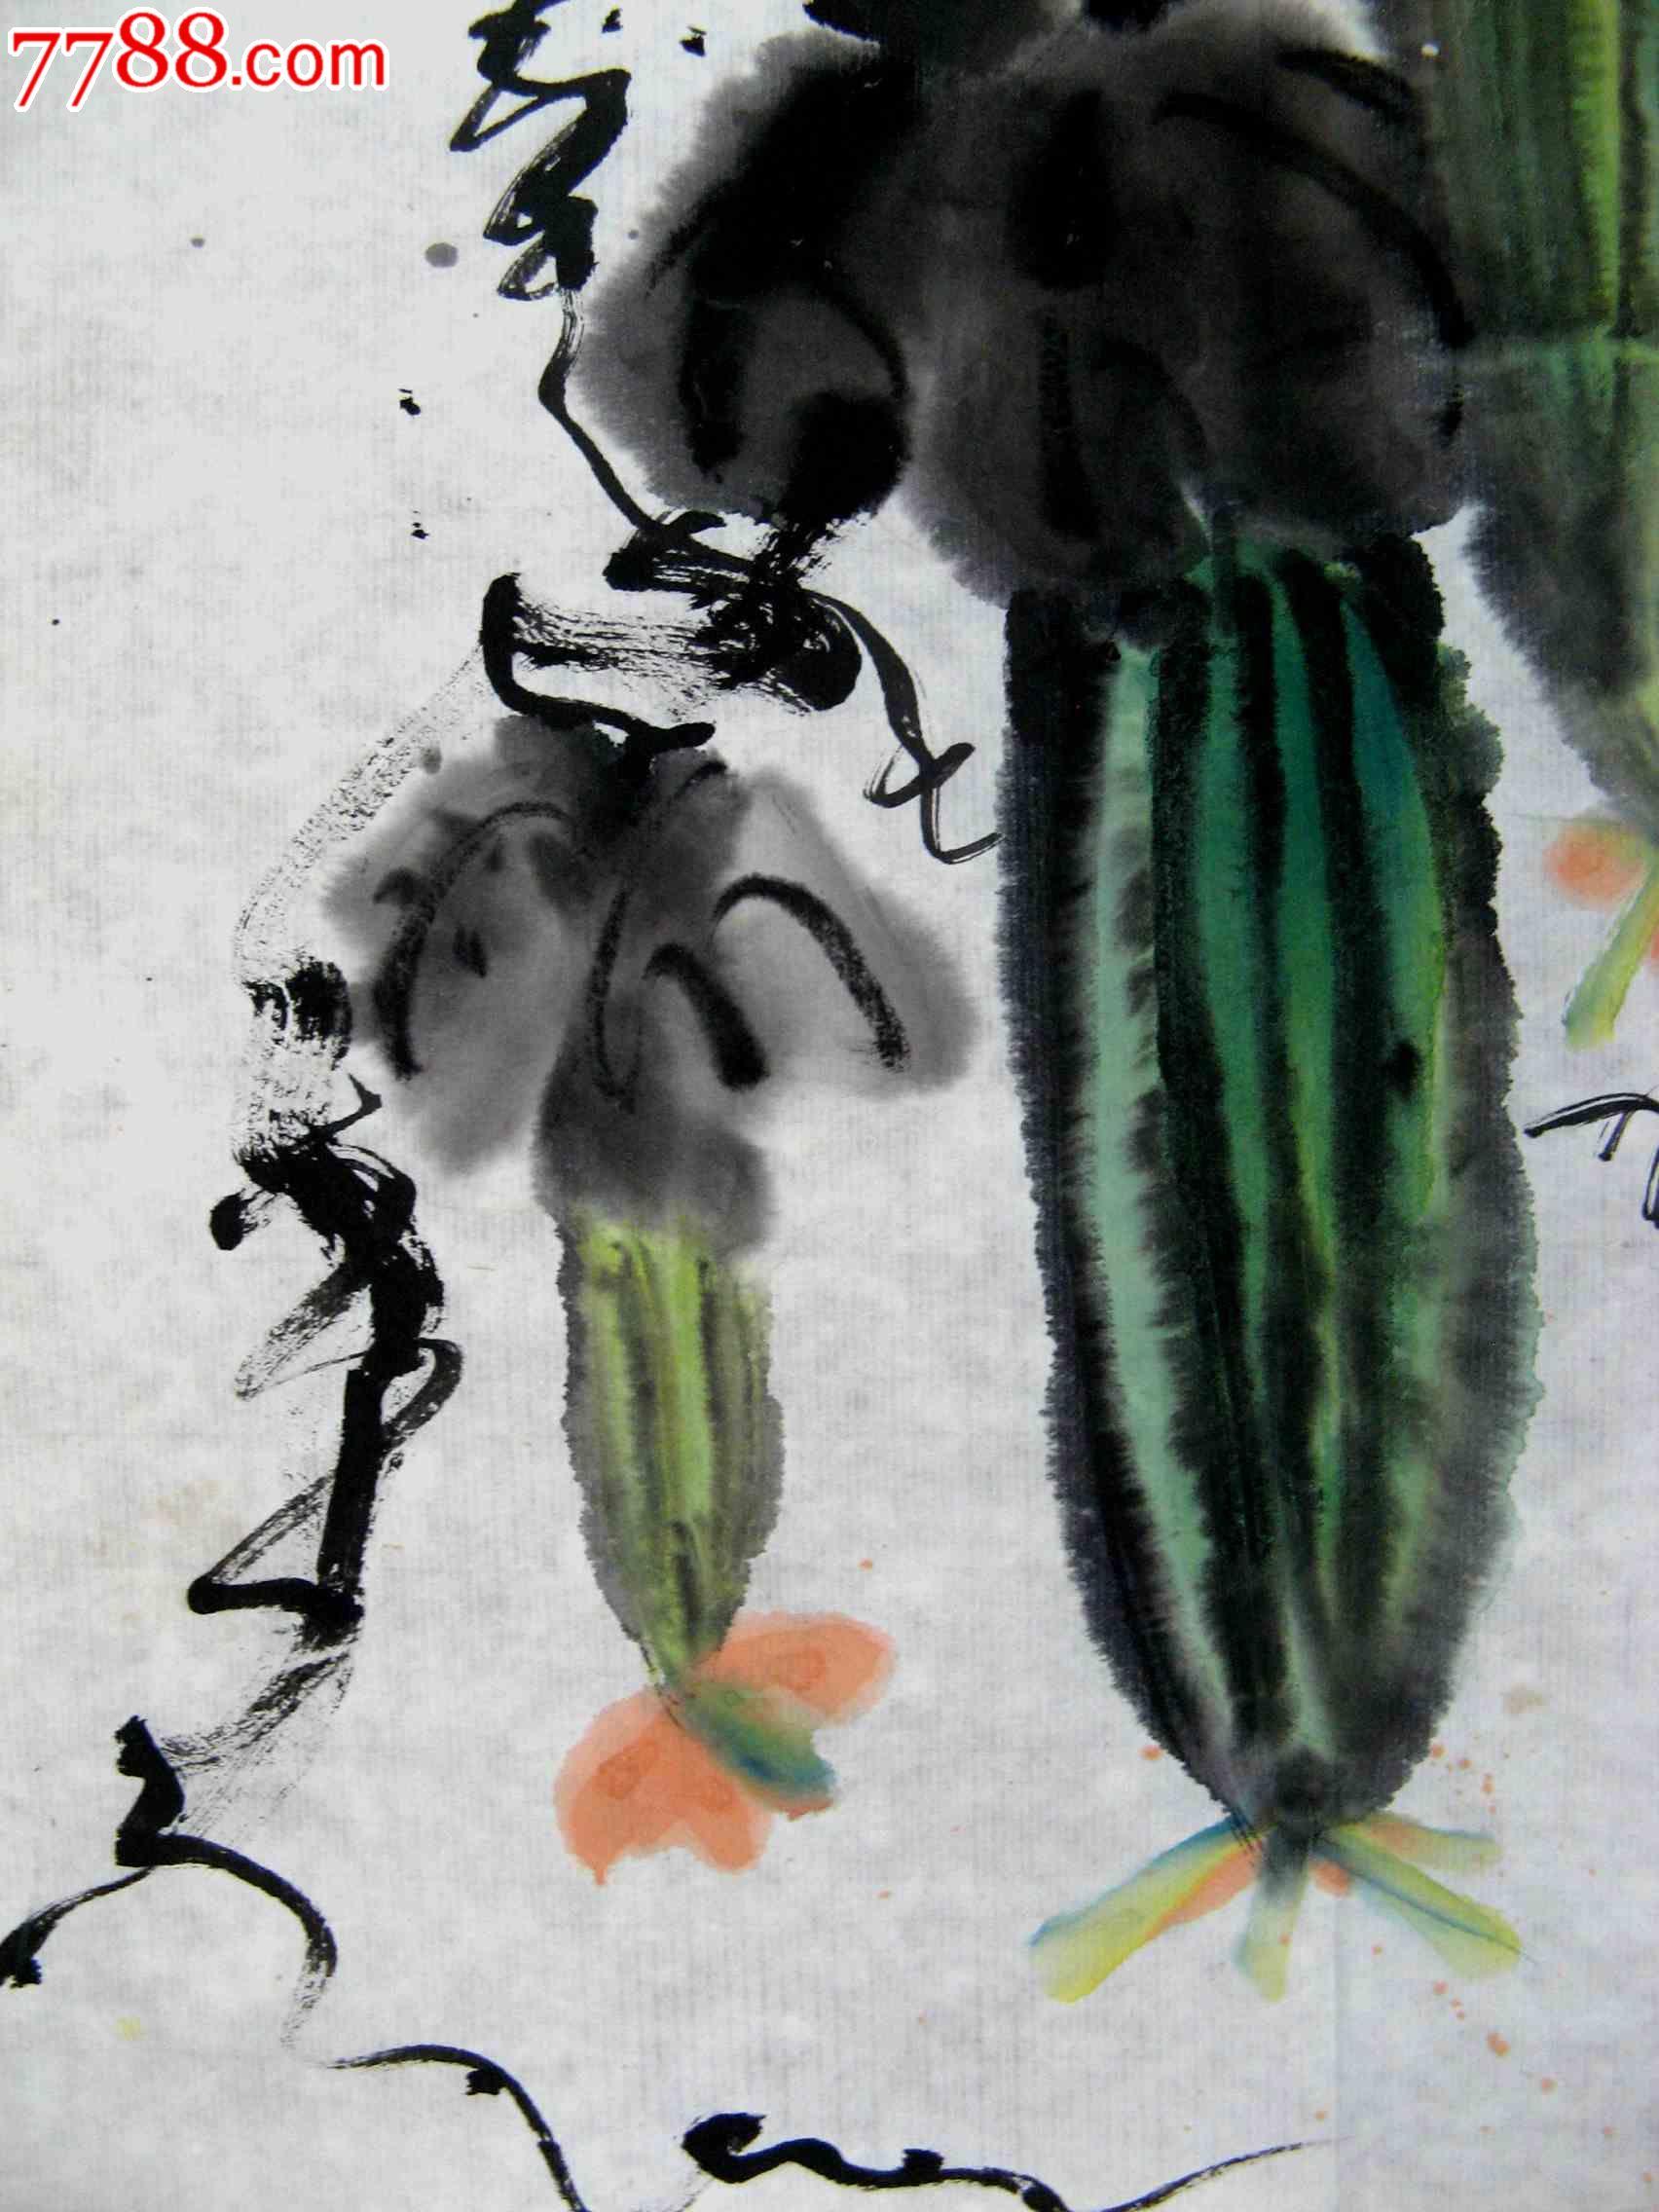 一尺斗方写意蔬果画《丝瓜》_价格10元_第2张_7788收藏__中国收藏热线图片